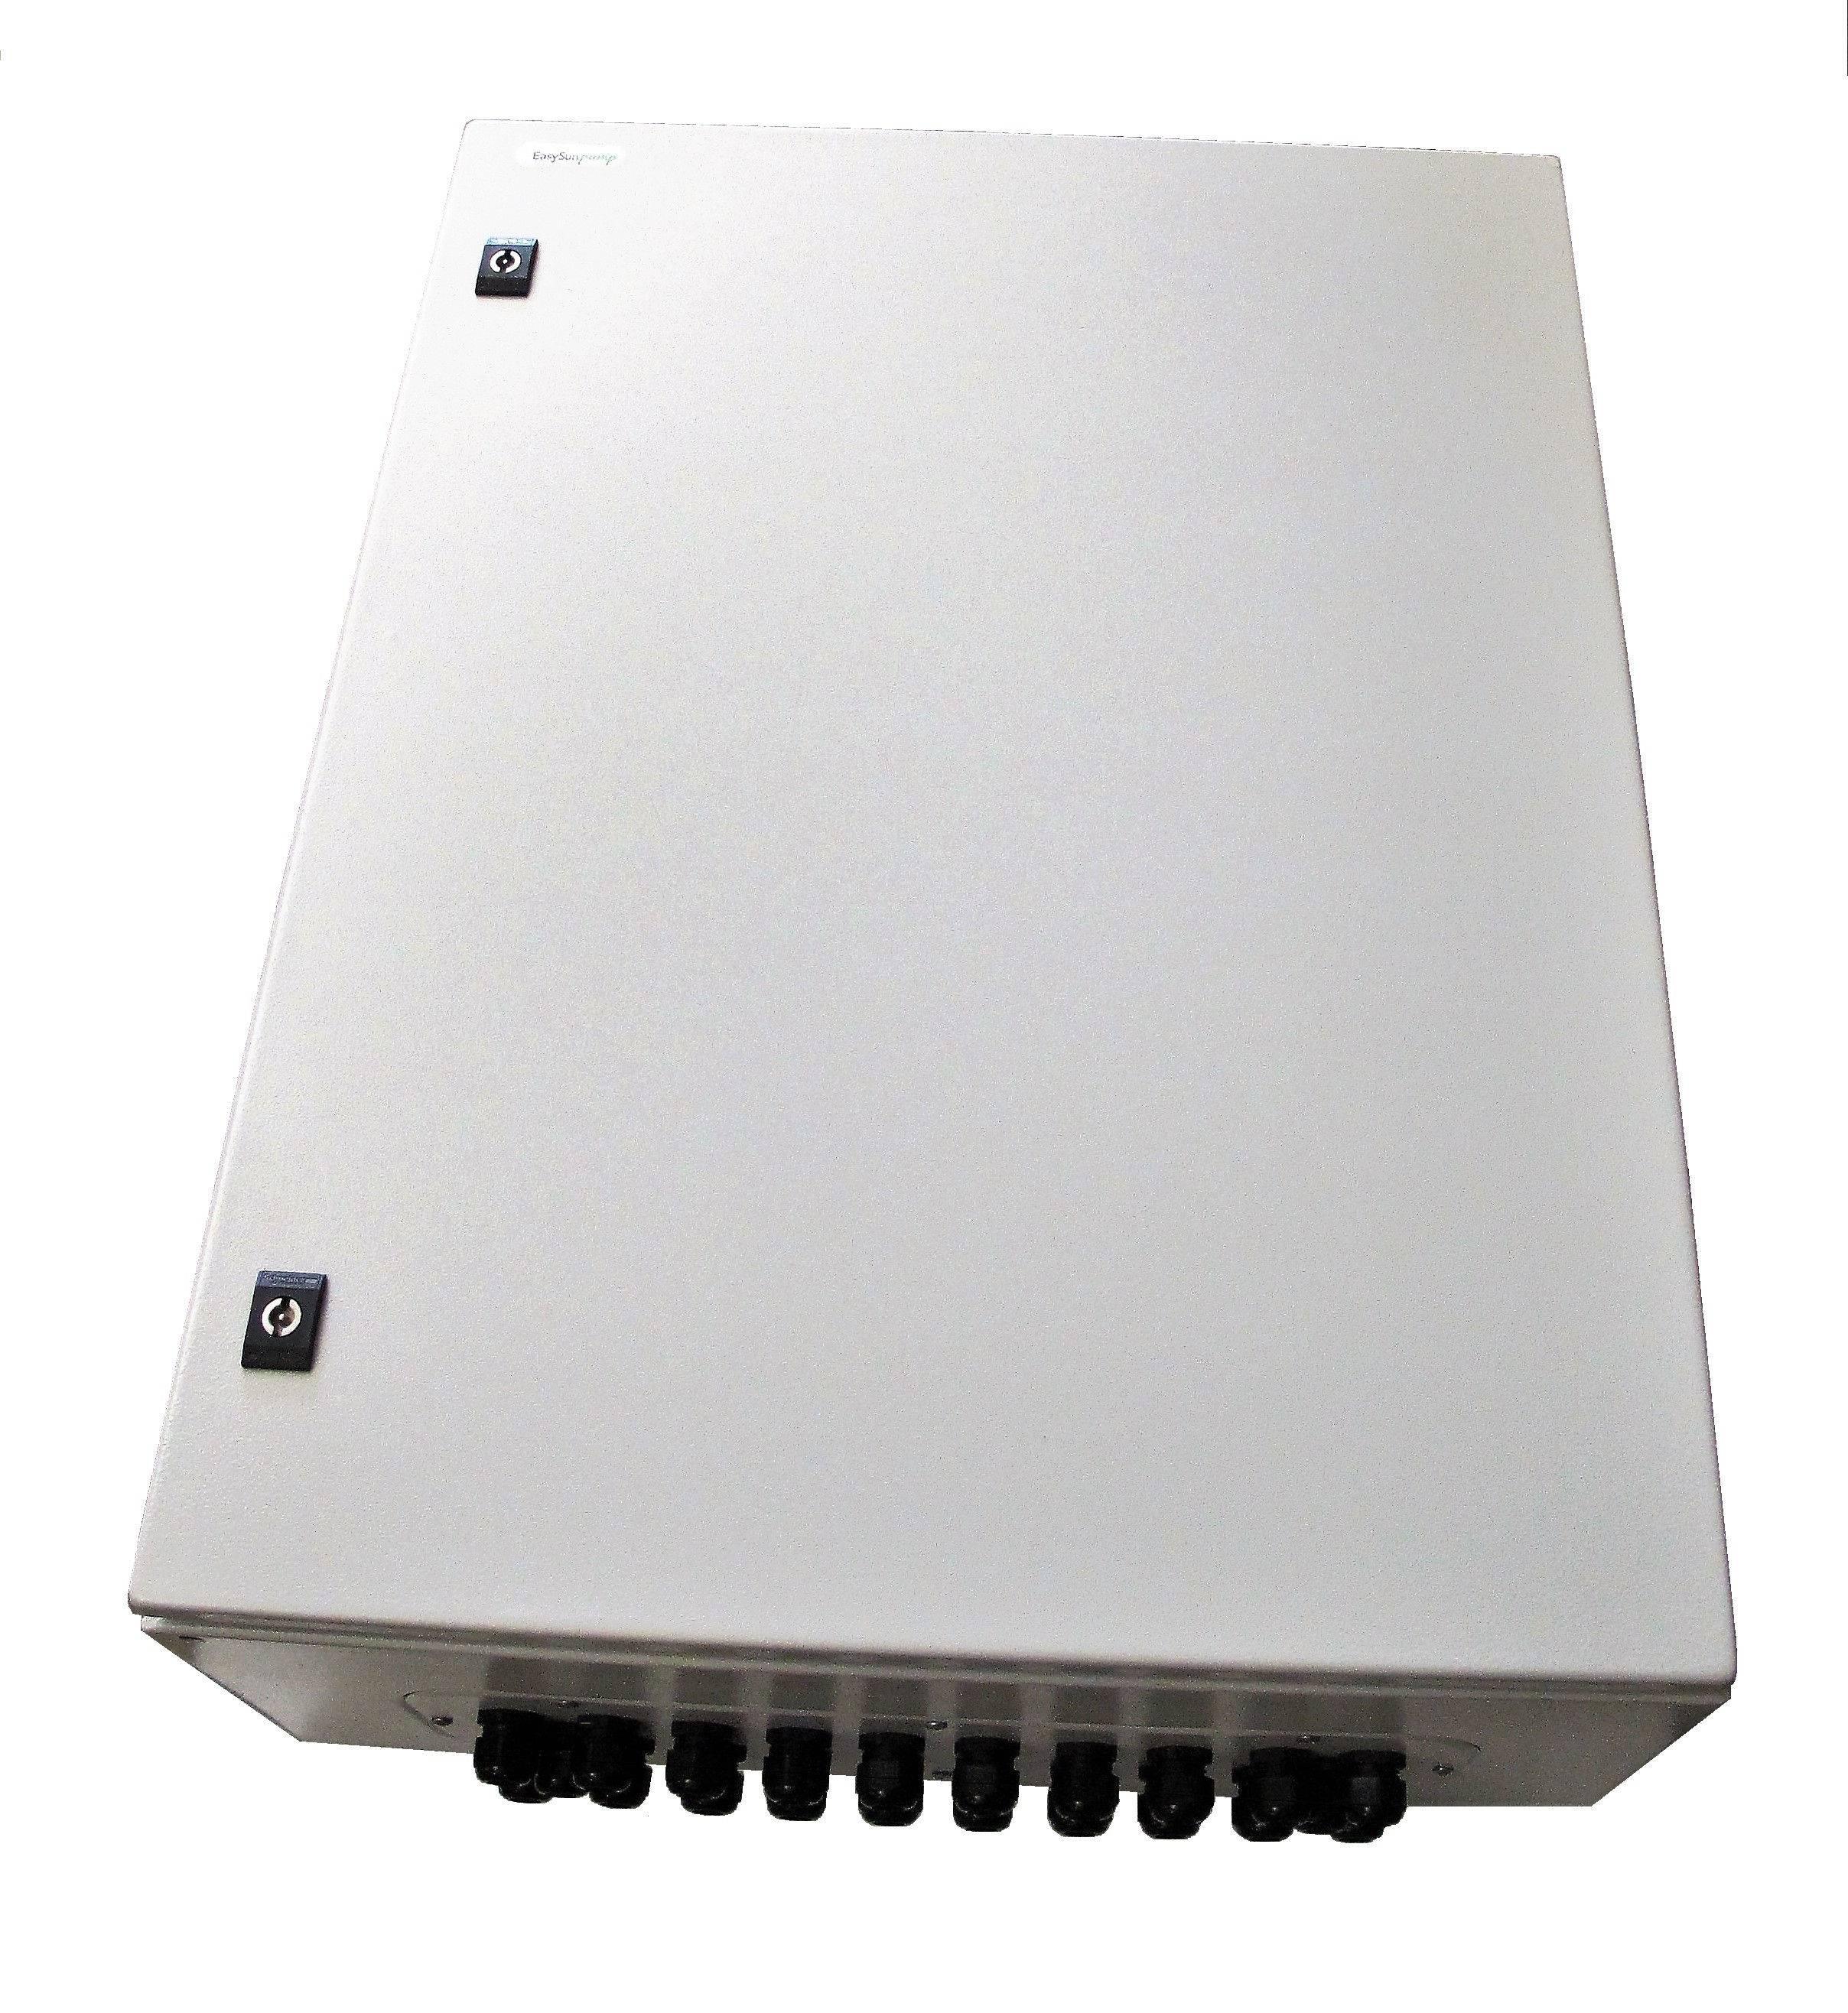 Bombeo solar ESP 18.5kW 400 IP54 F050